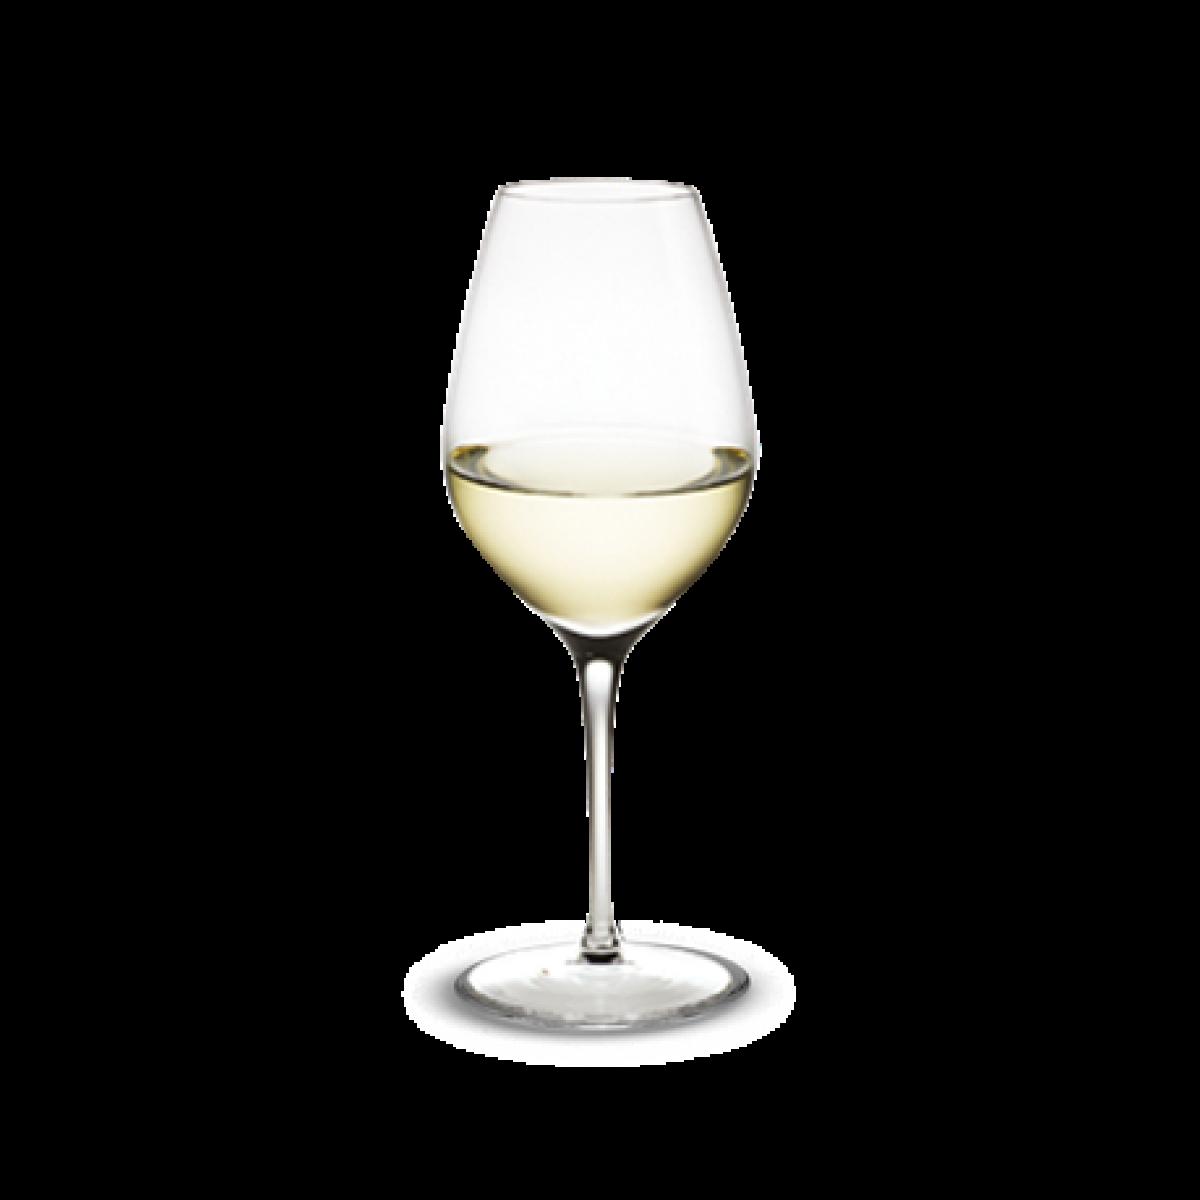 HOLMEGAARD Cabernet hvidvinsglas 36 cl. 6 stk.